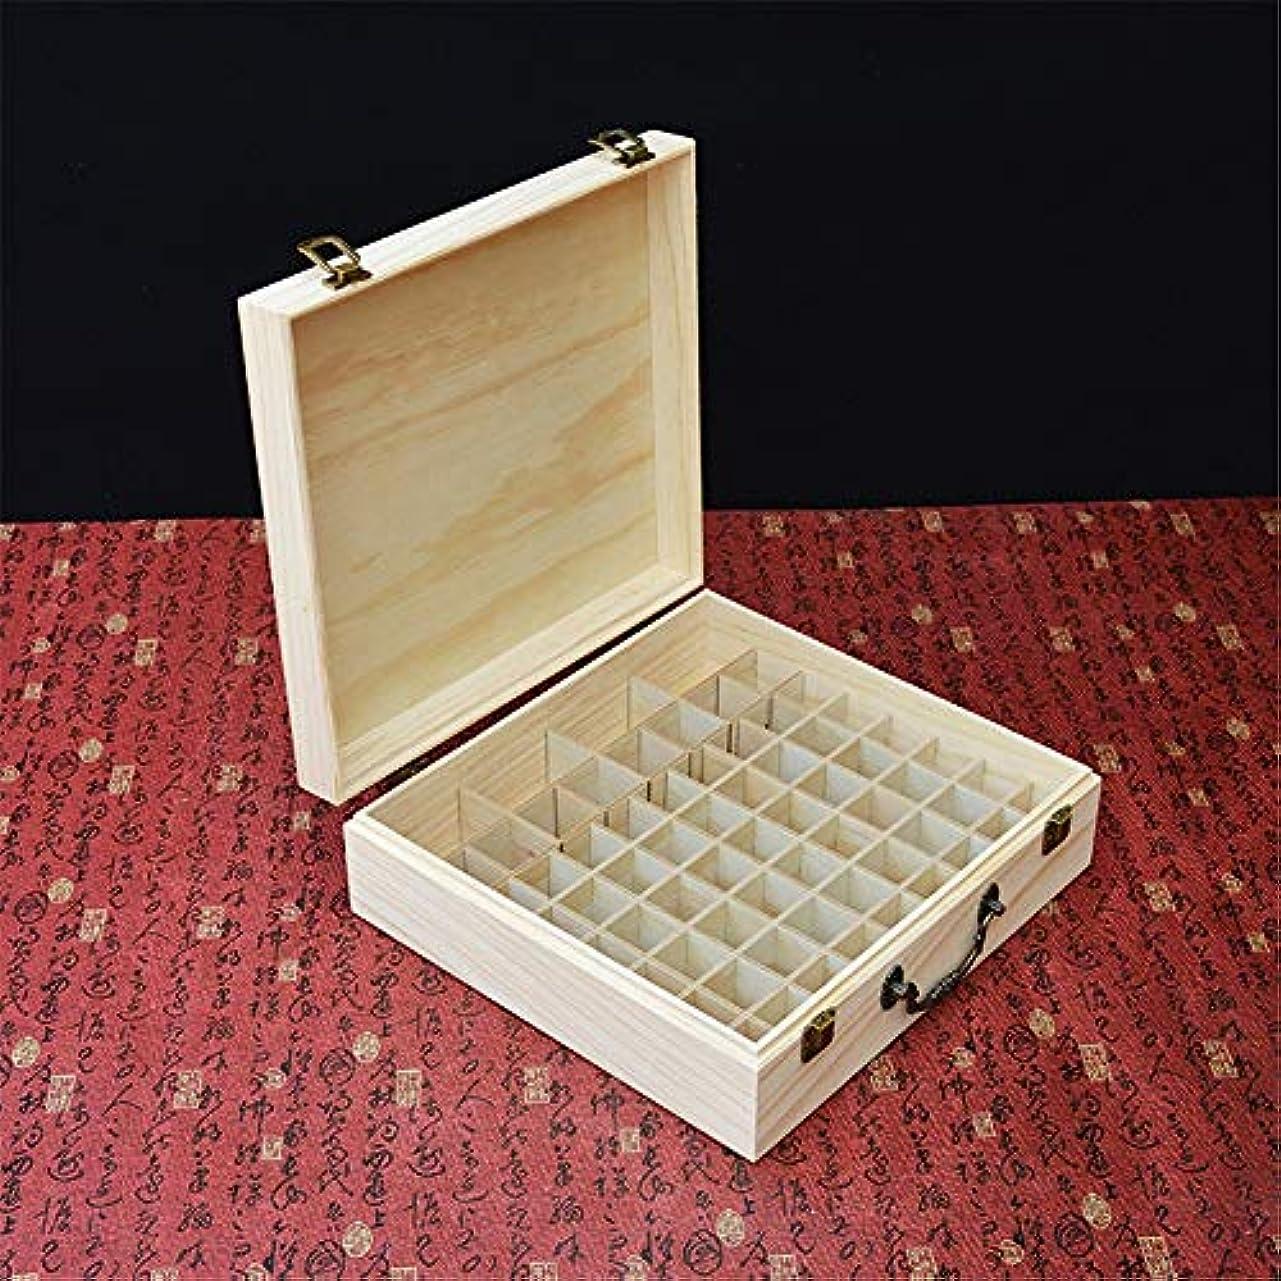 初期のポルティコチロアロマセラピー収納ボックス これは、旅行やプレゼンテーション66個のスロット木製のエッセンシャルオイルの収納ボックスに最適です エッセンシャルオイル収納ボックス (色 : Natural, サイズ : 31.5X29X10CM)